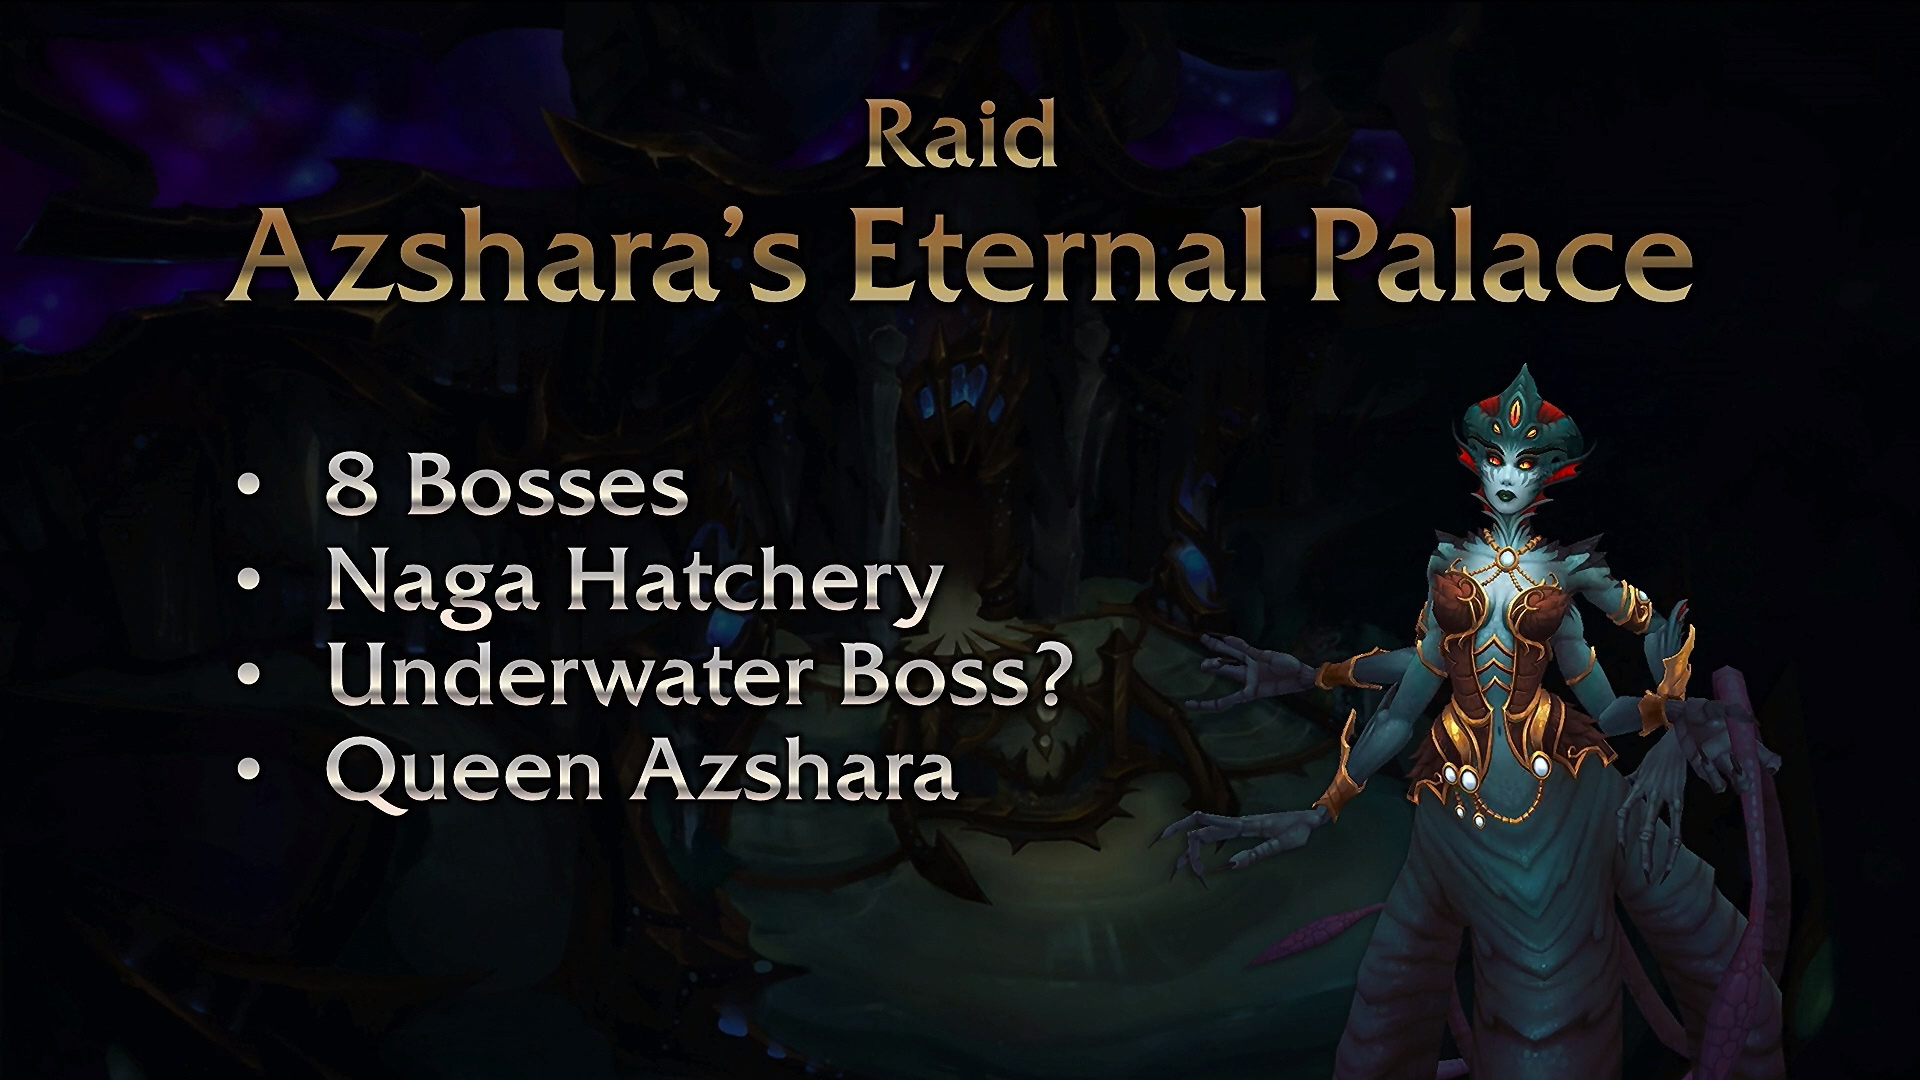 Le Palais éternel d'Azshara est le nouveau raid du patch 8.2